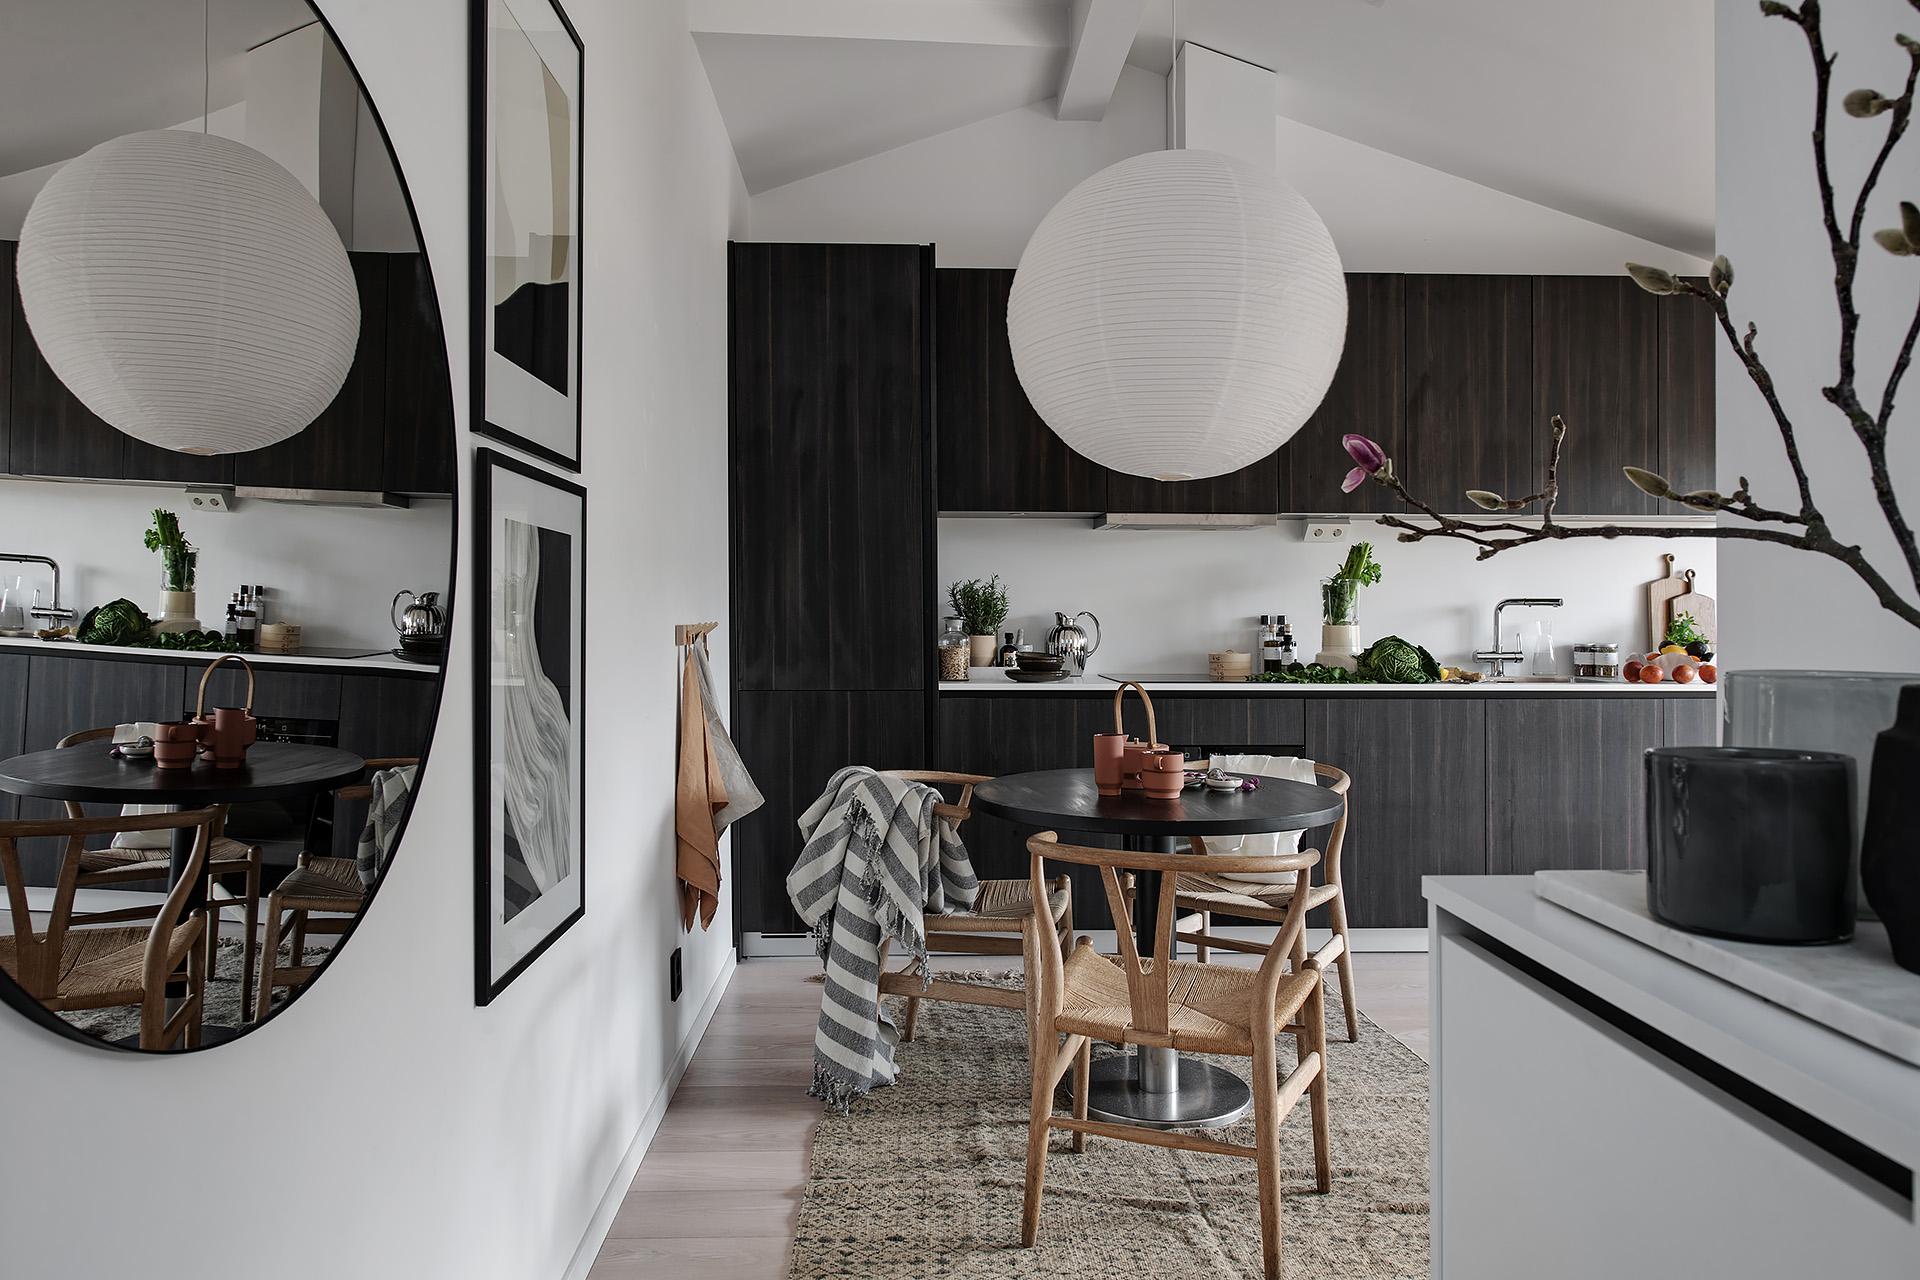 Design interior practic și scandinav într-o mansardă în plan deschis [36 m²] 6